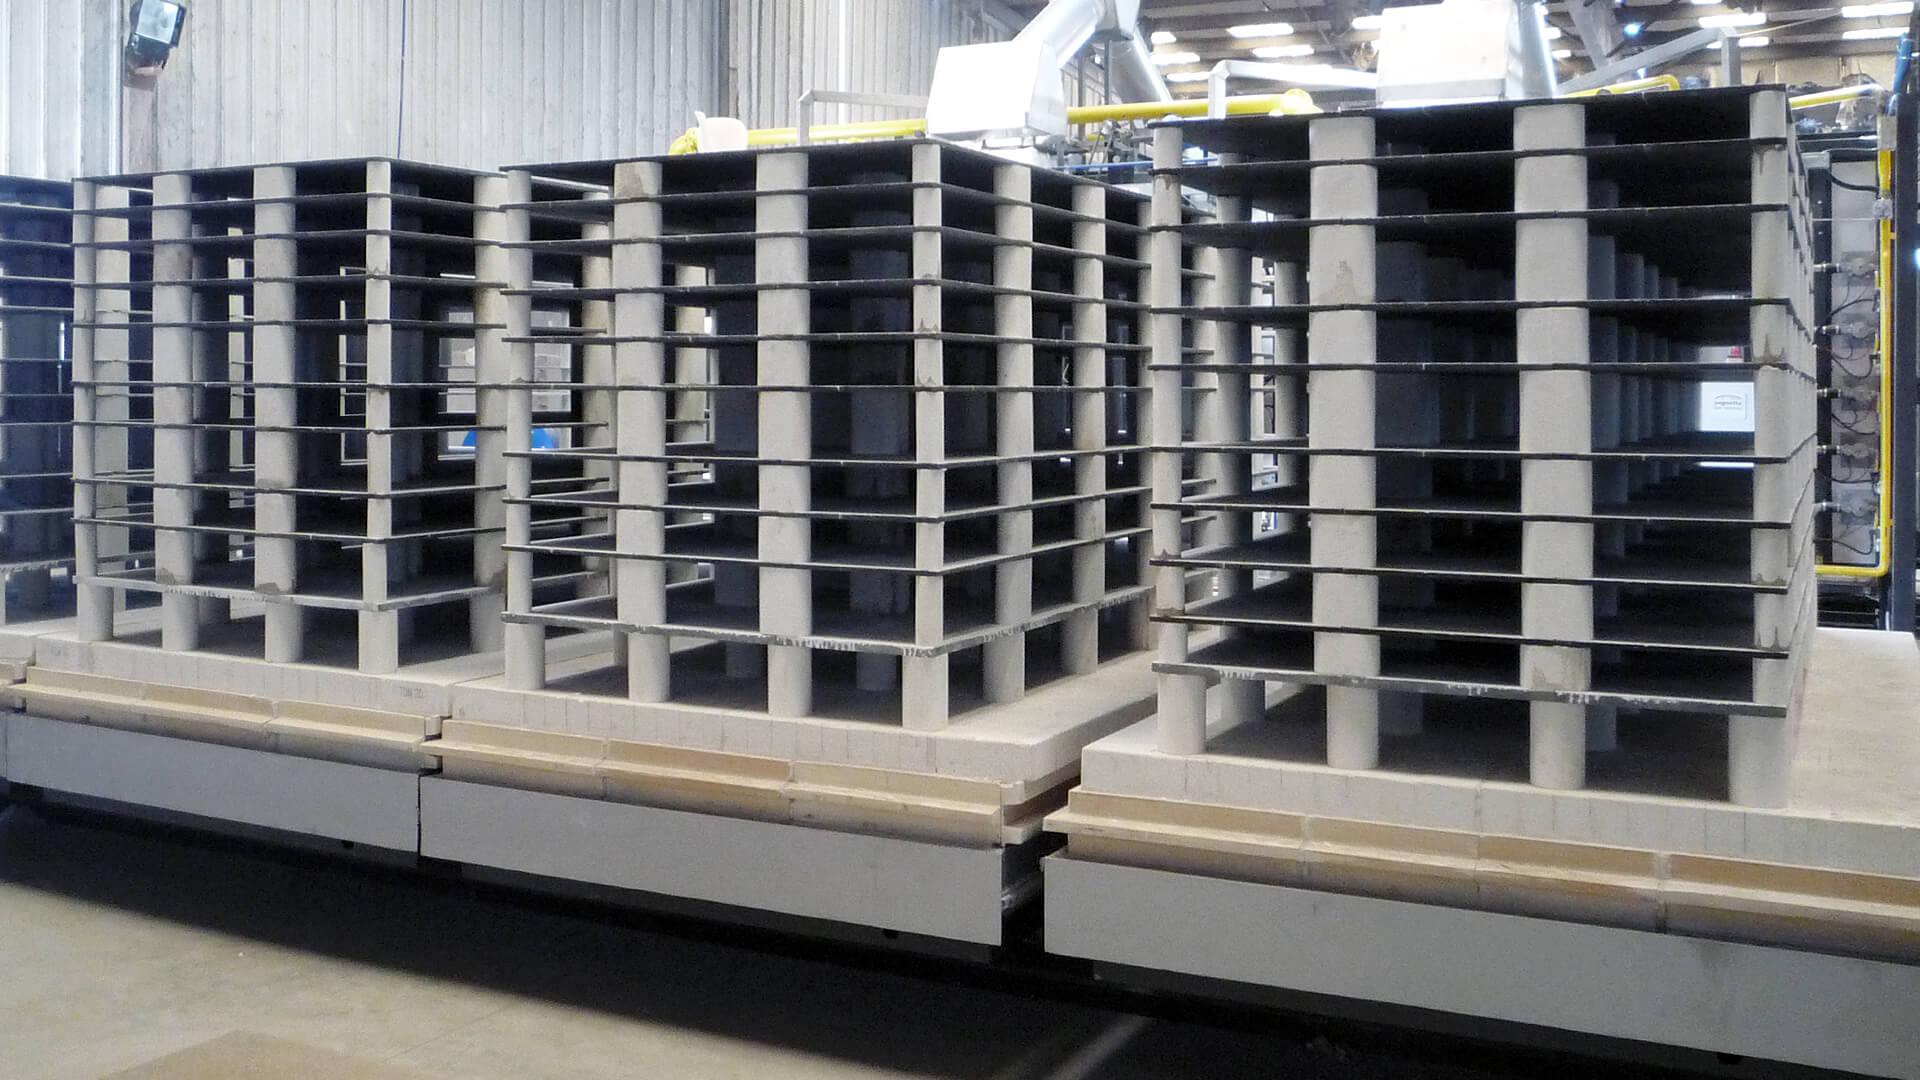 Forno industriale per Sovrastruttura refrattaria in carburo di silicio e mullite | Pagnotta Termomeccanica